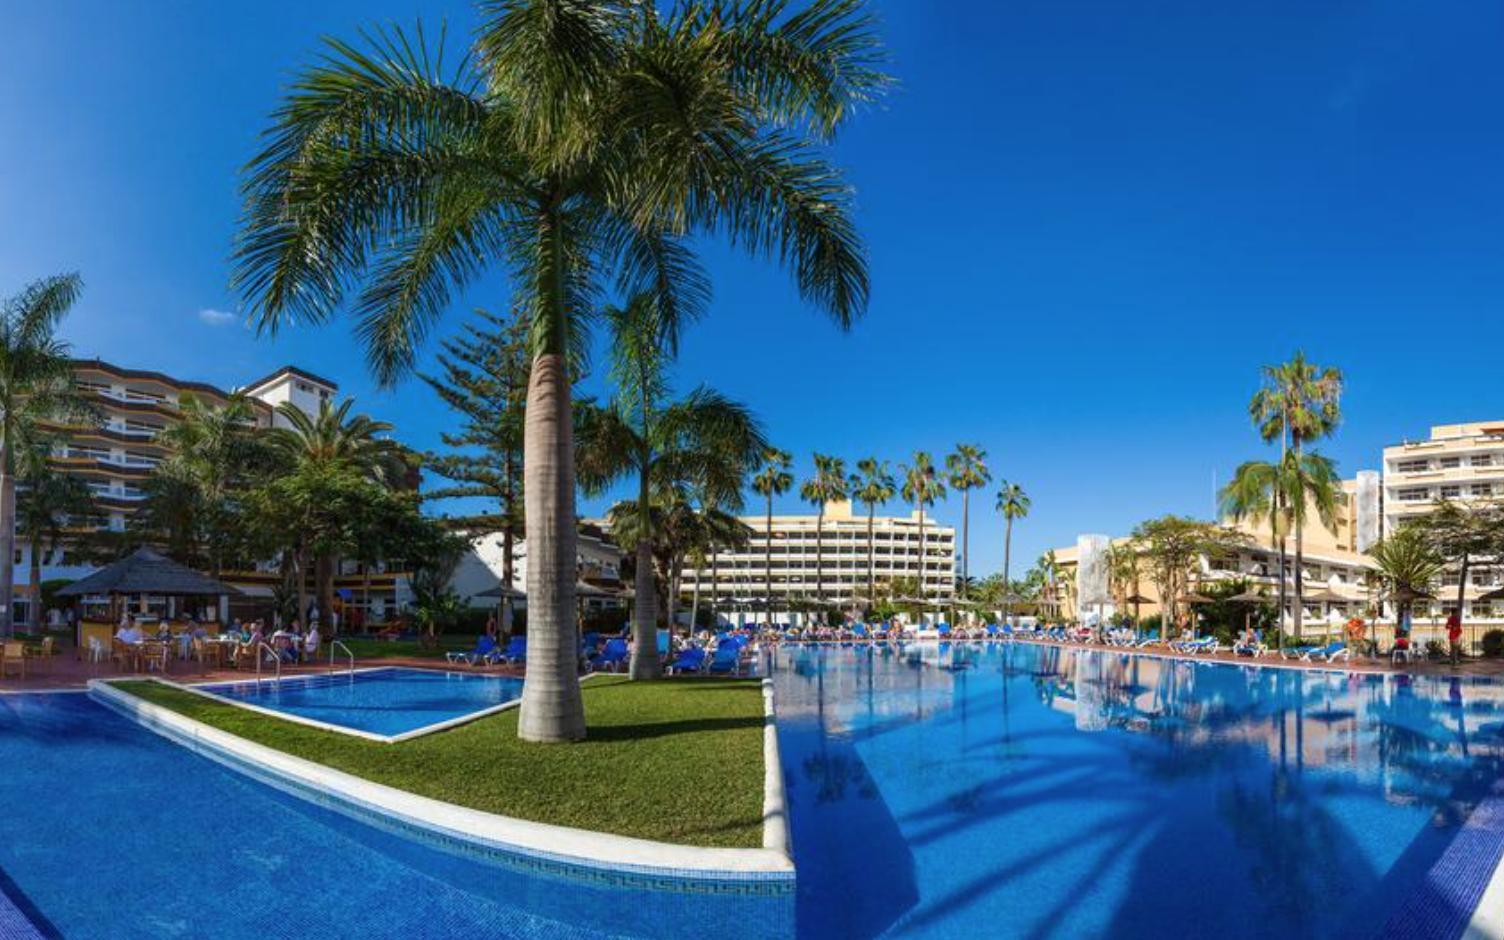 SEPT Tenerife Todo Incluido 368€/p= 7 noches en hotel 4* + vuelos desde BCN